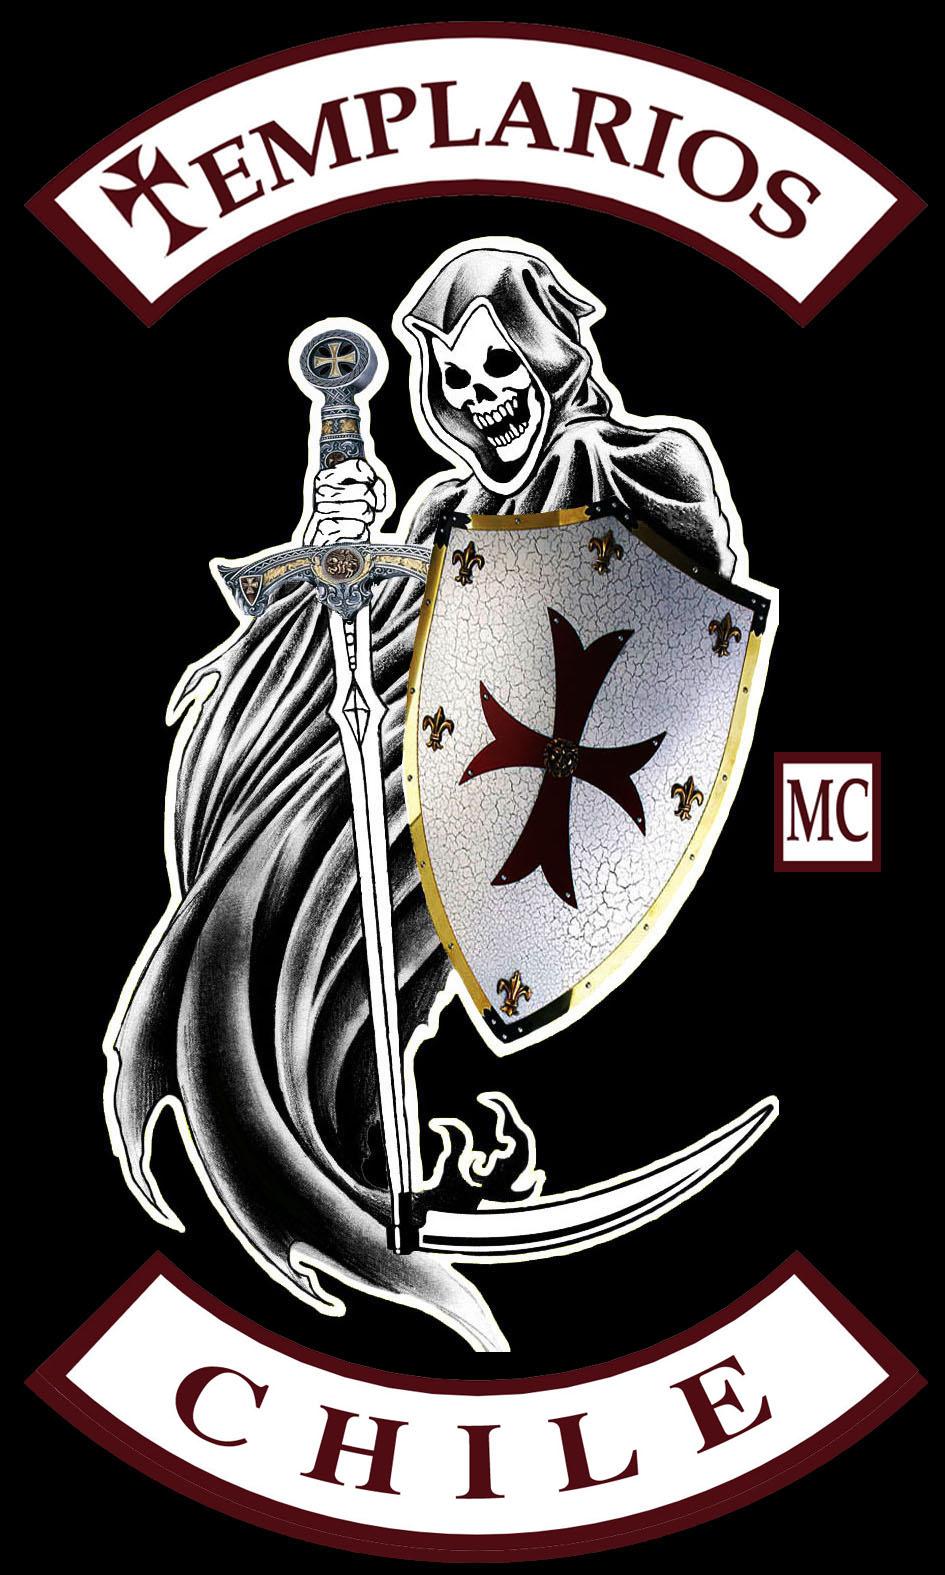 Templarios MC Chile